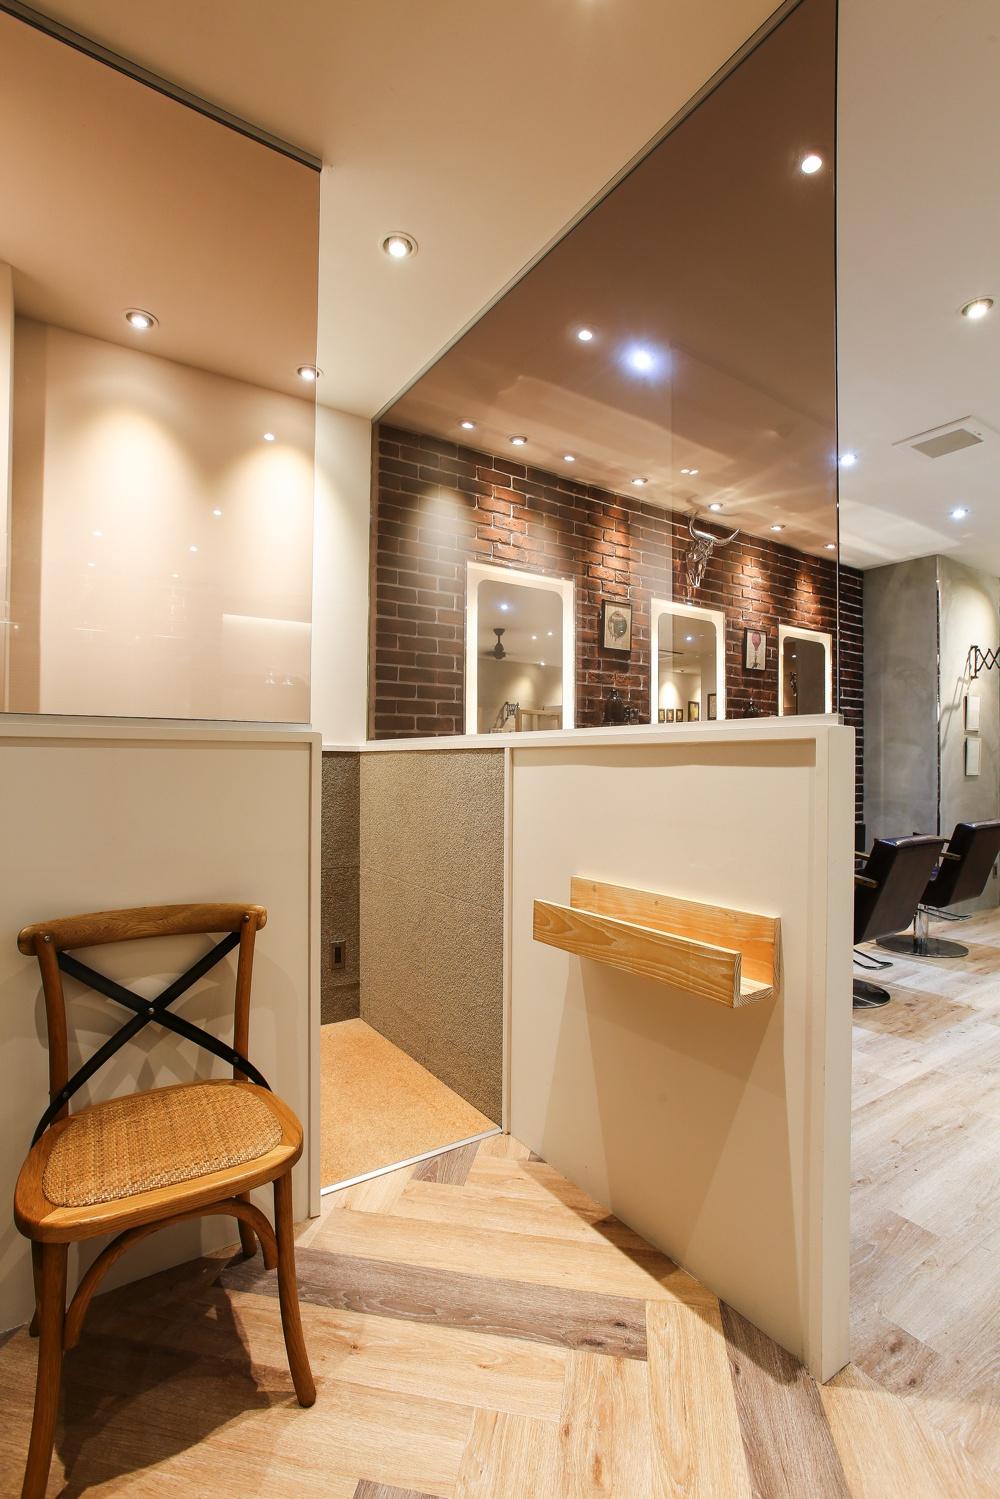 ブルックリンスタイルの美容室、ヘアサロンの内装デザイン